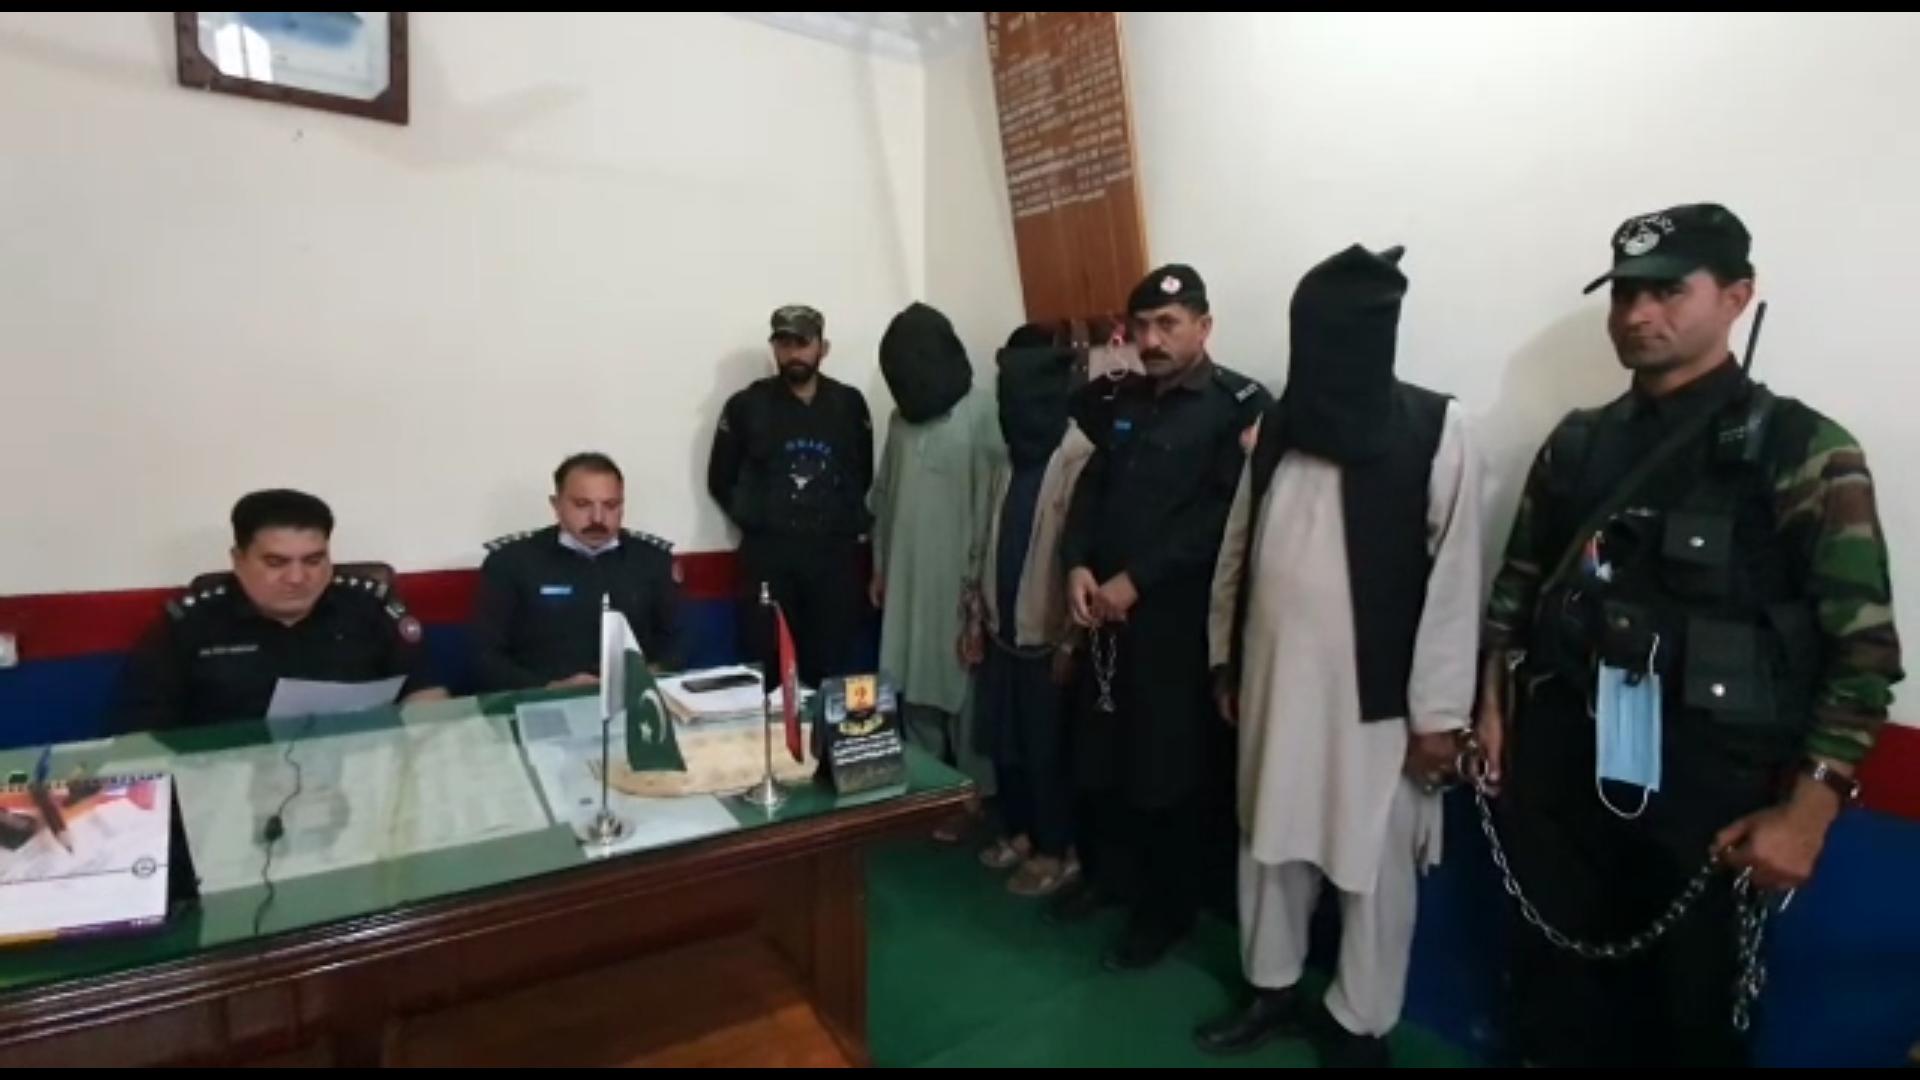 سوات، مٹہ میں چار دہشتگردوں کوگرفتارکرلیا